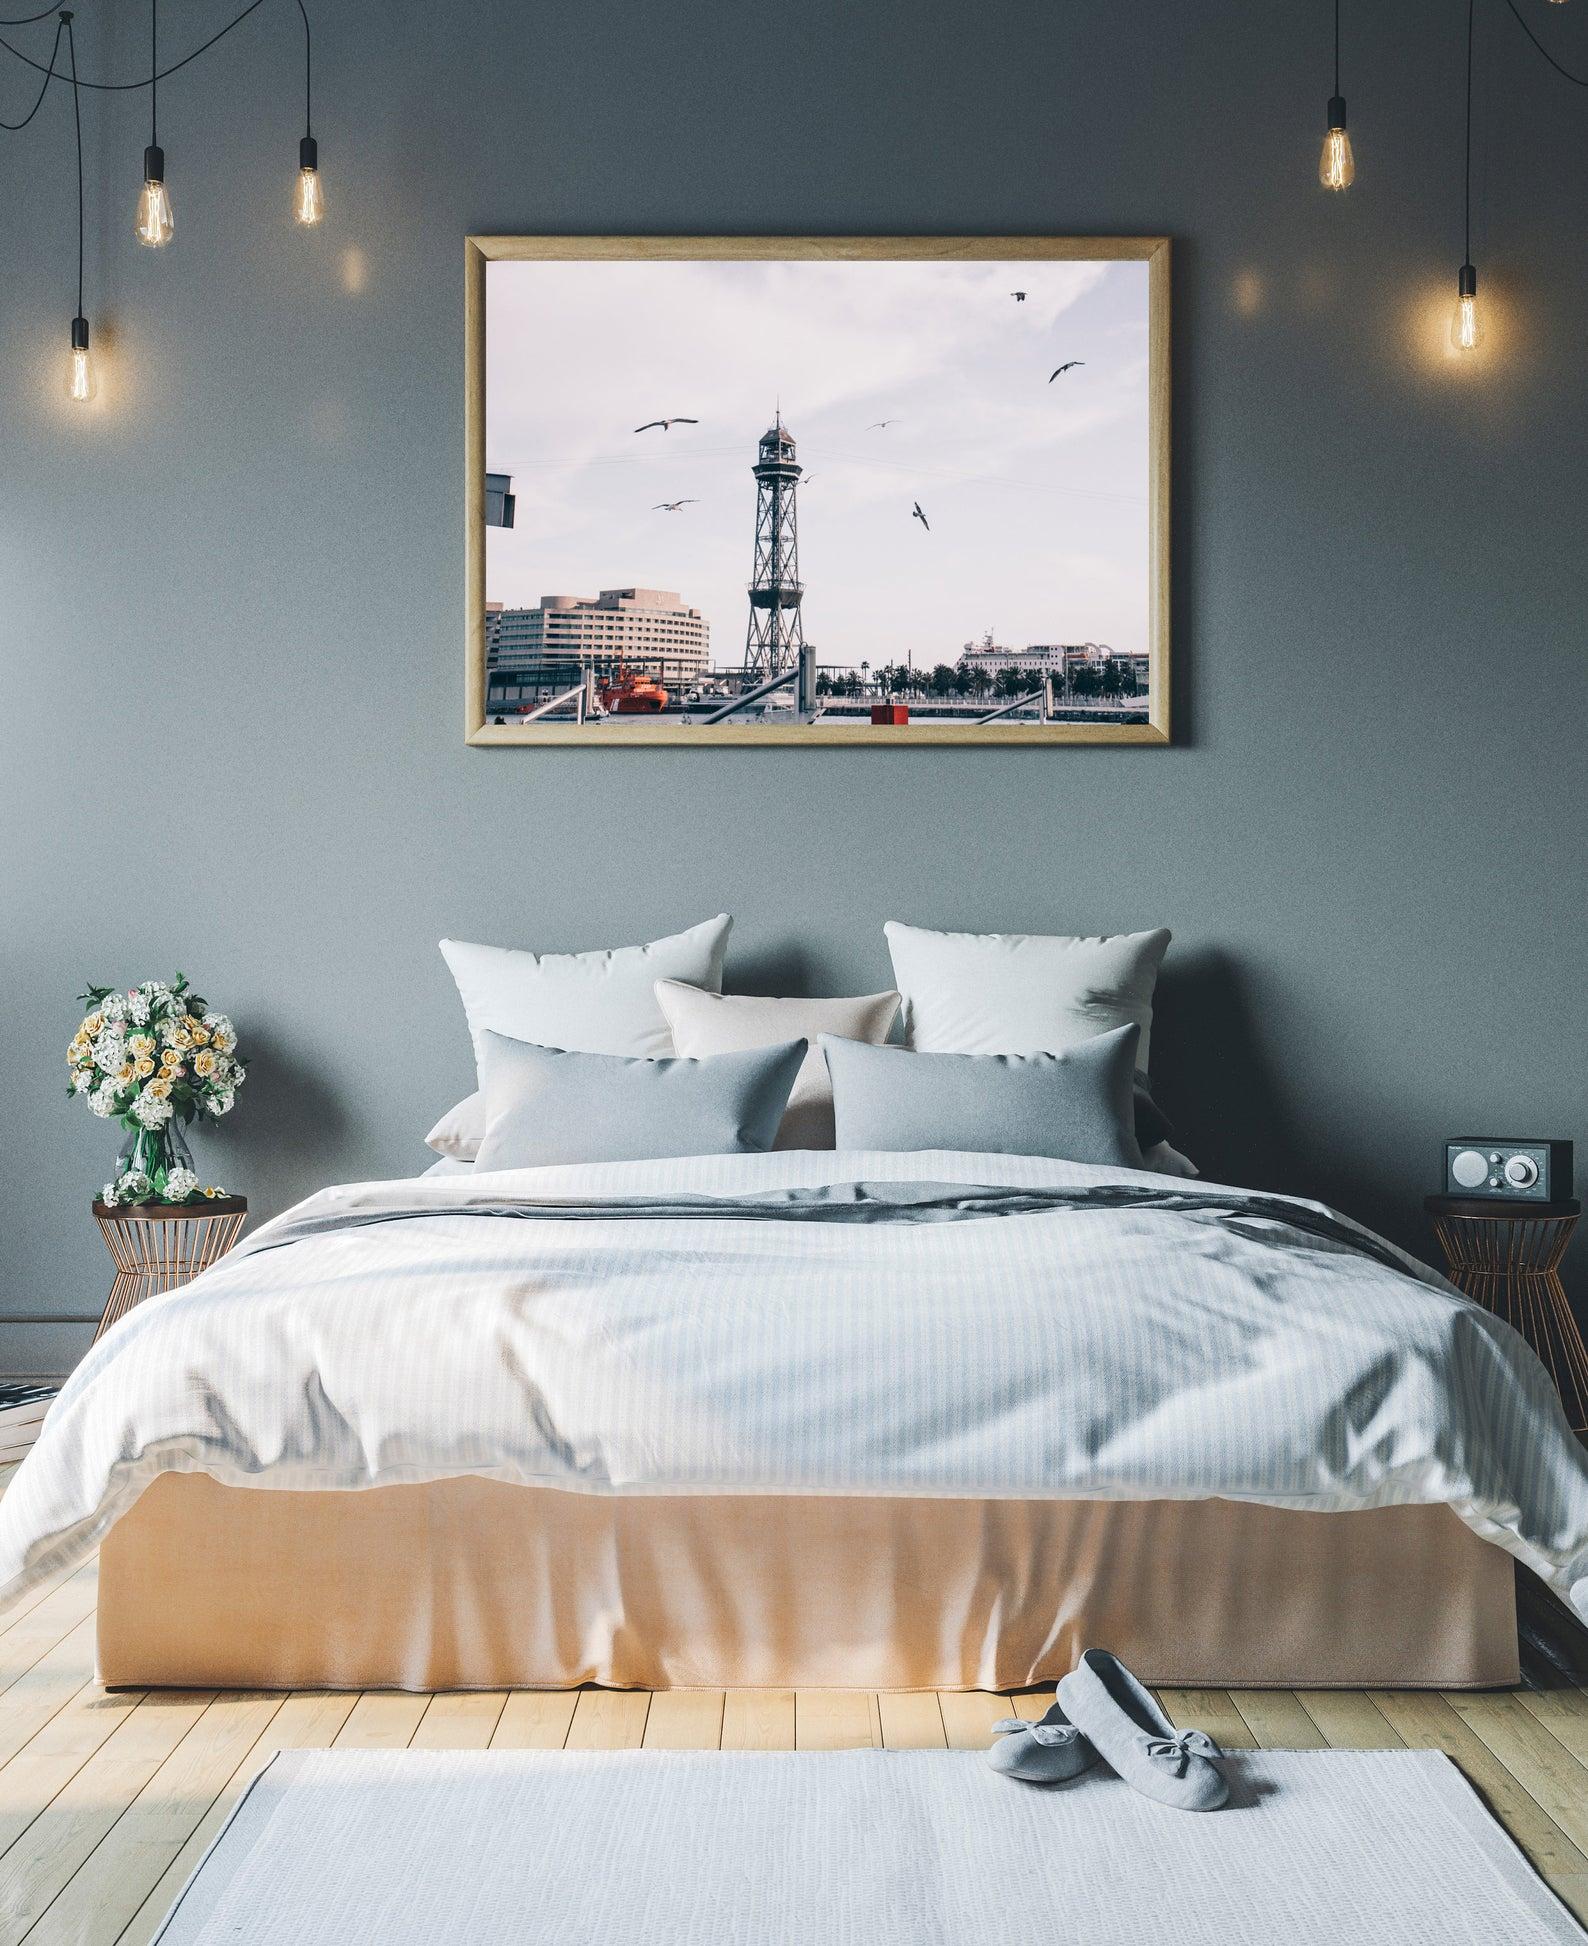 Barcelona port wall print photography